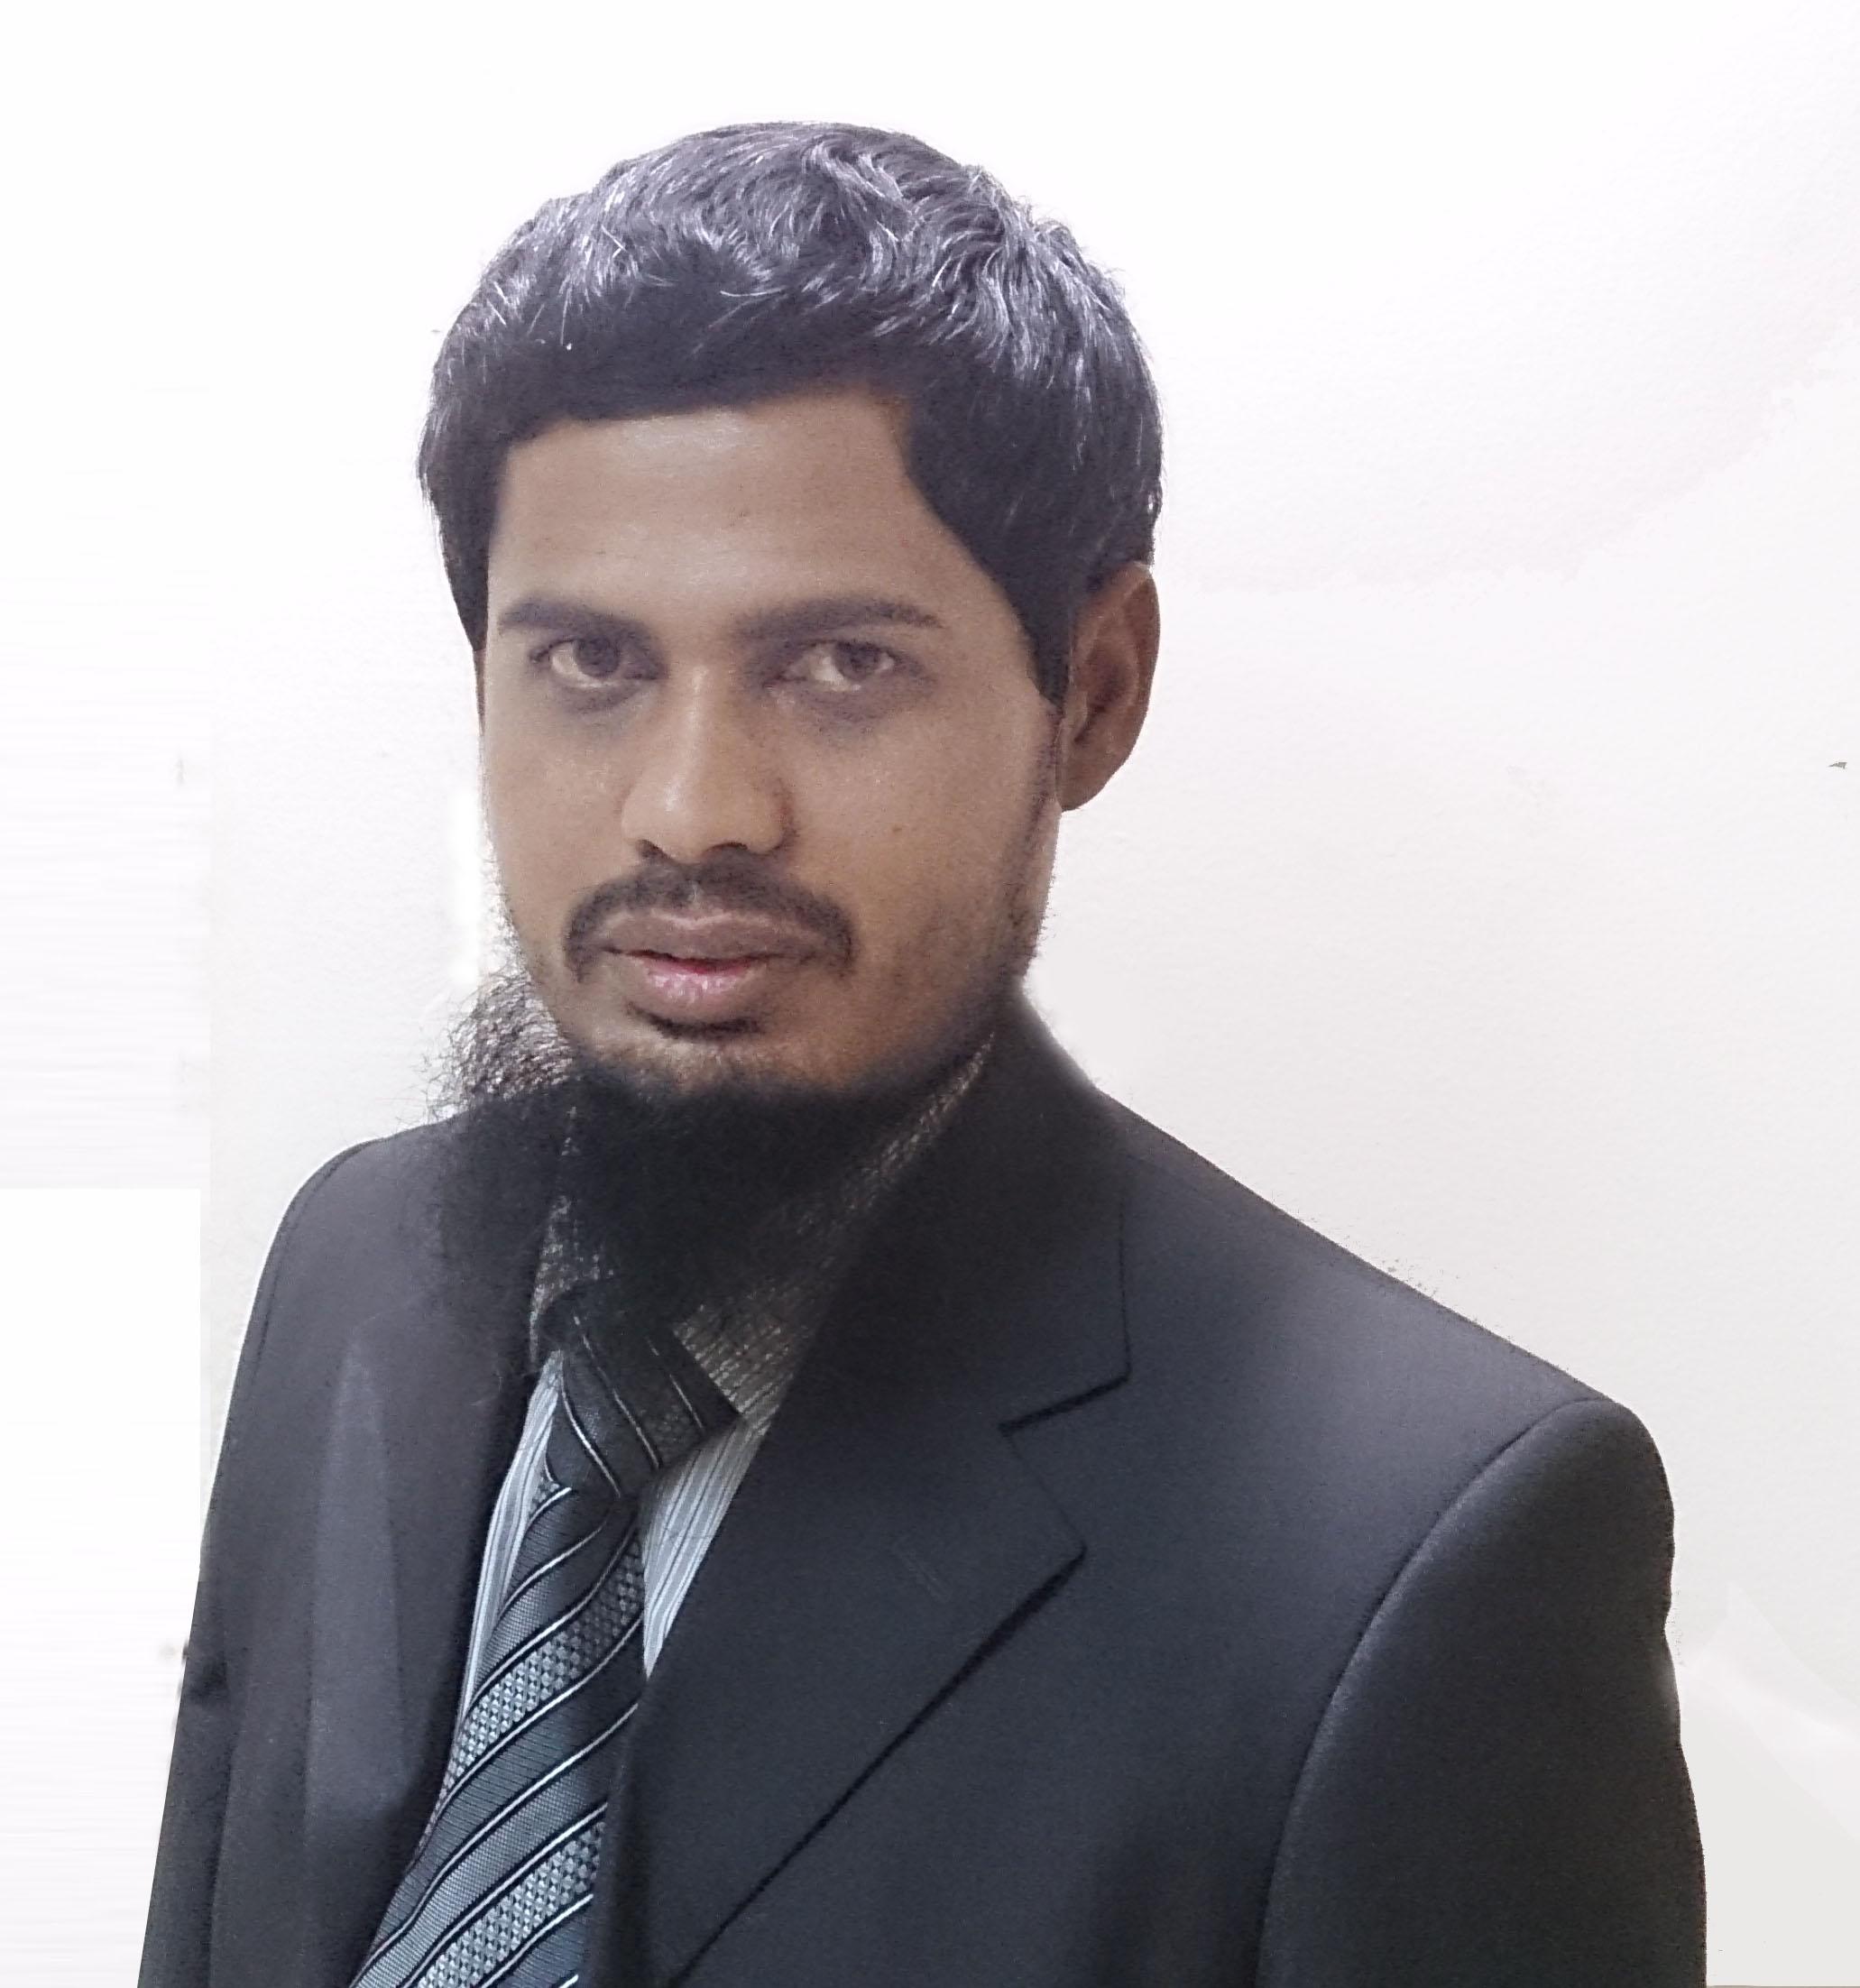 Mabkhot Salama Bin Dahbag